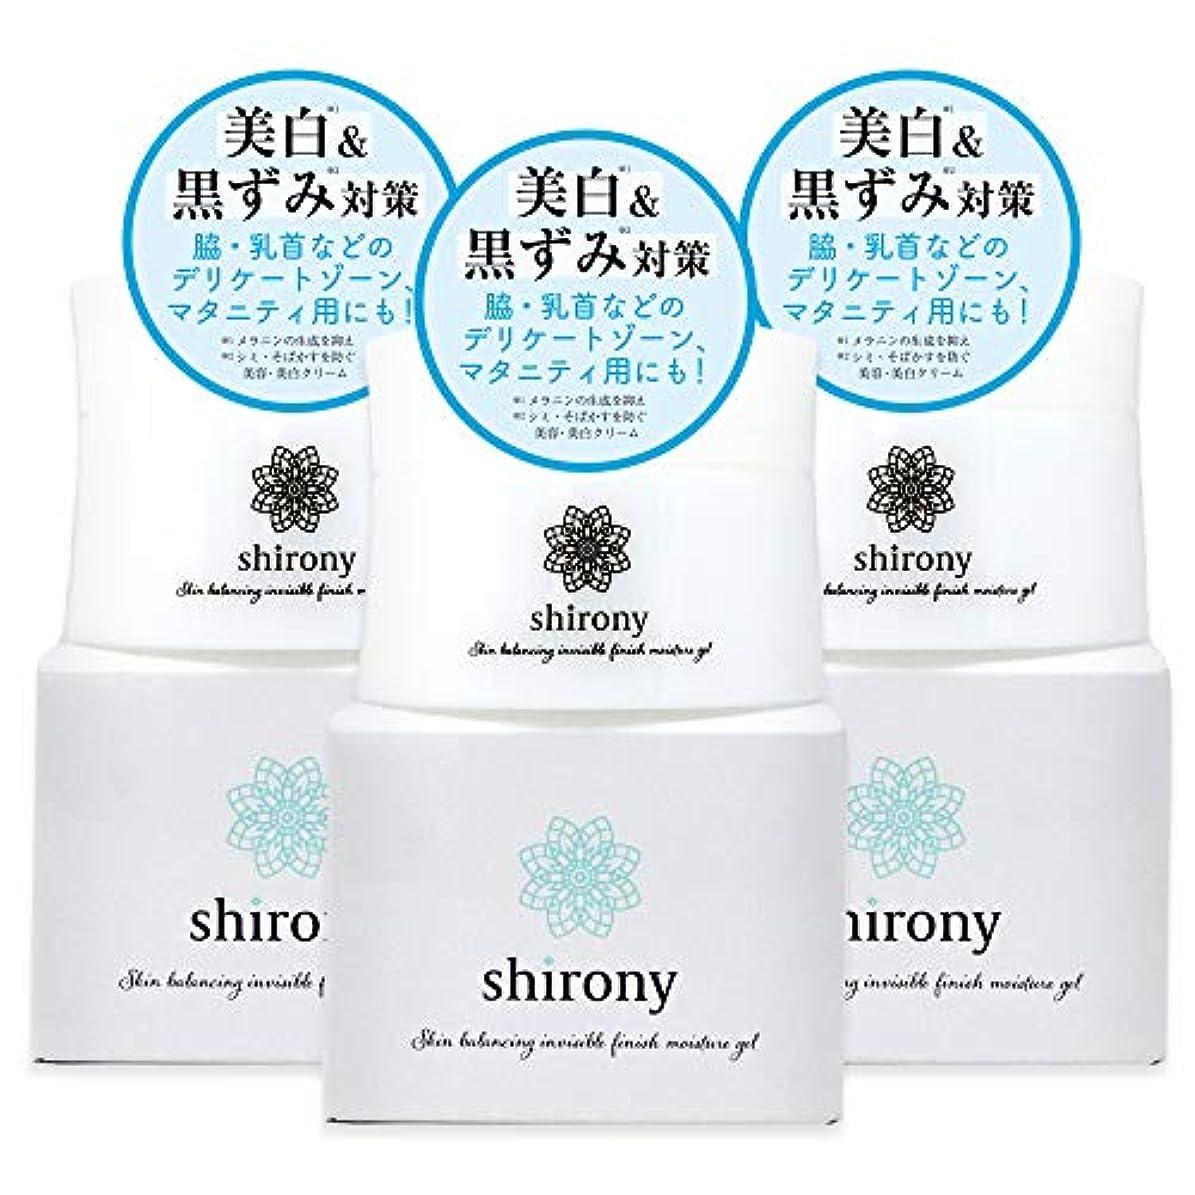 shirony (シロニー) 保湿 美白 ホワイトアップ クリーム モイストクリーム 30g 【医薬部外品】 (3個)